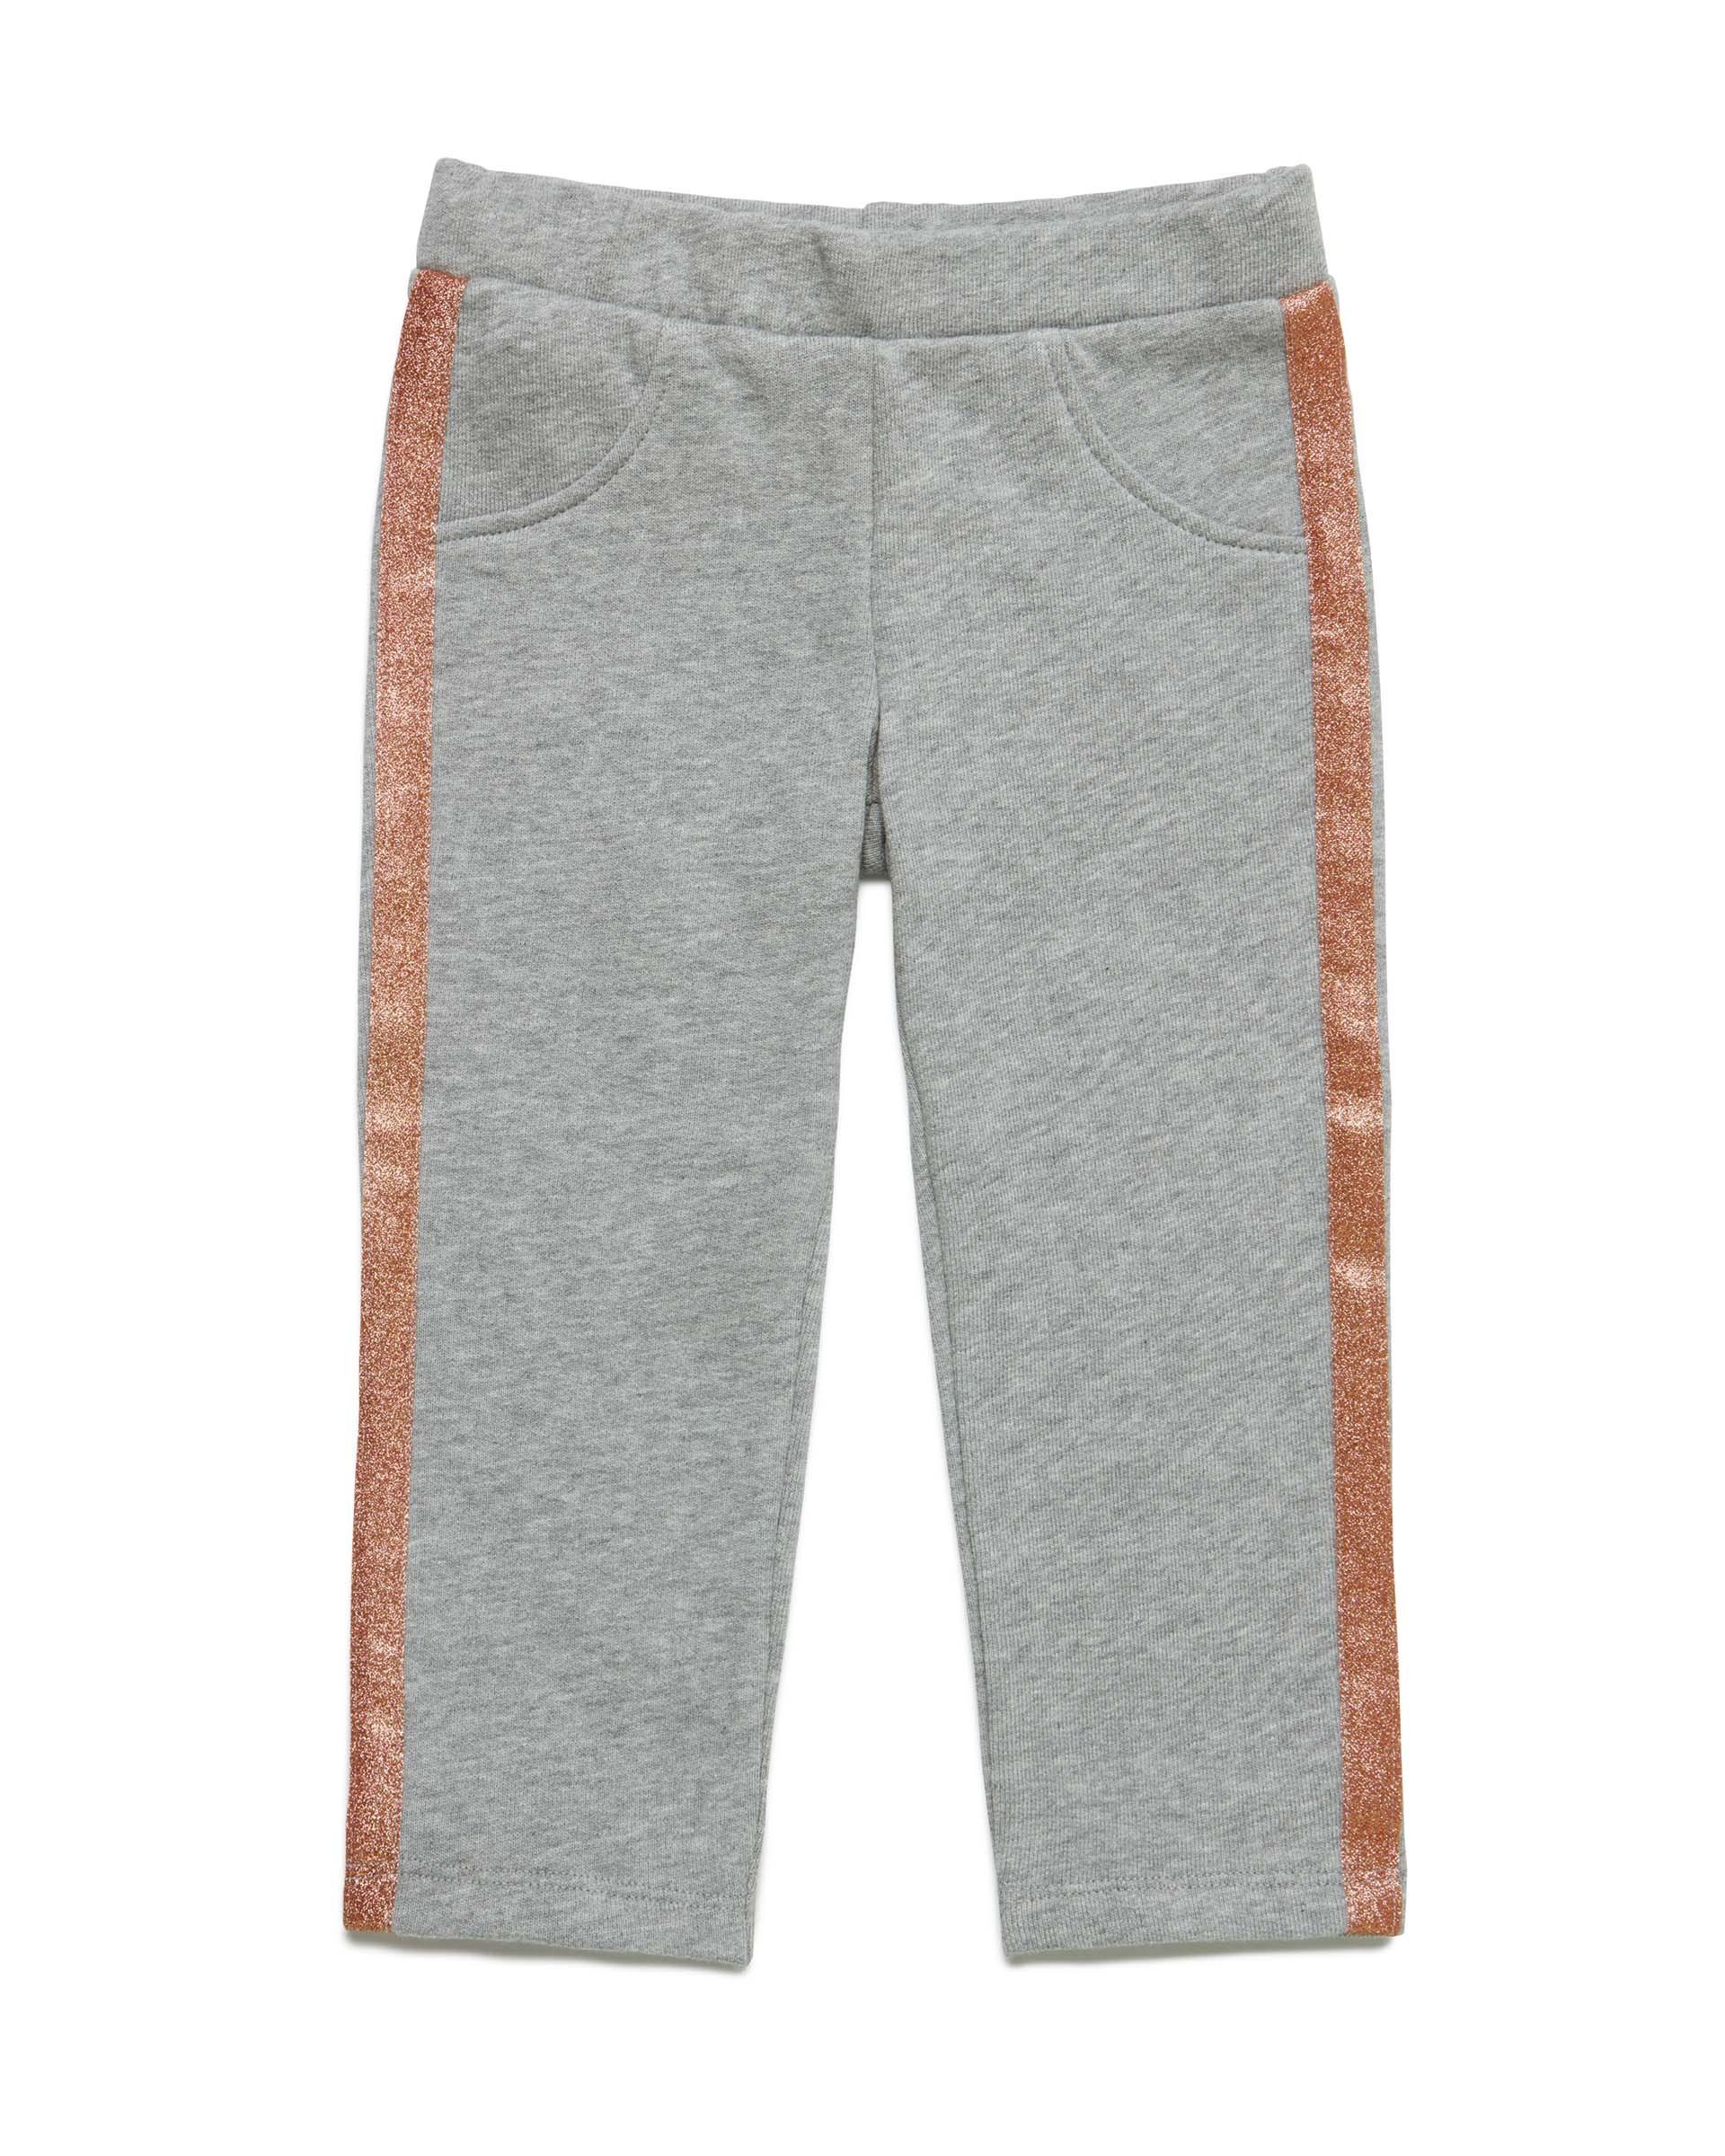 20P_3J68I02DP_501, Спортивные брюки для девочек Benetton 3J68I02DP_501 р-р 92, United Colors of Benetton, Шорты и брюки для новорожденных  - купить со скидкой